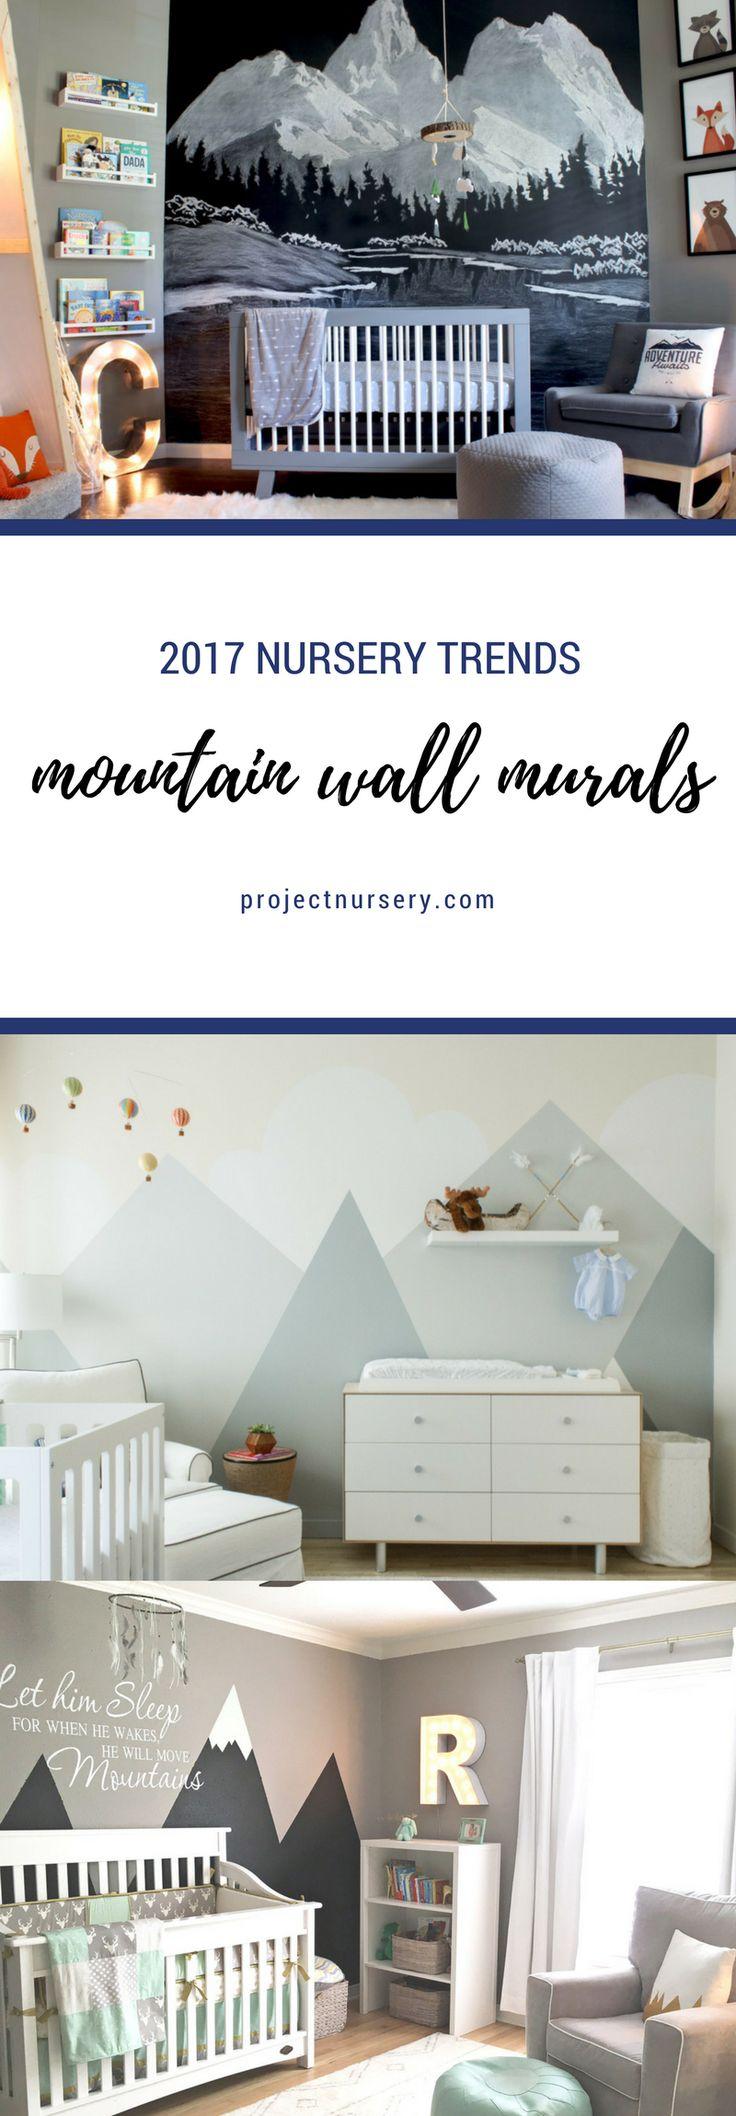 2017 Nursery Trends: Mountain Wall Murals